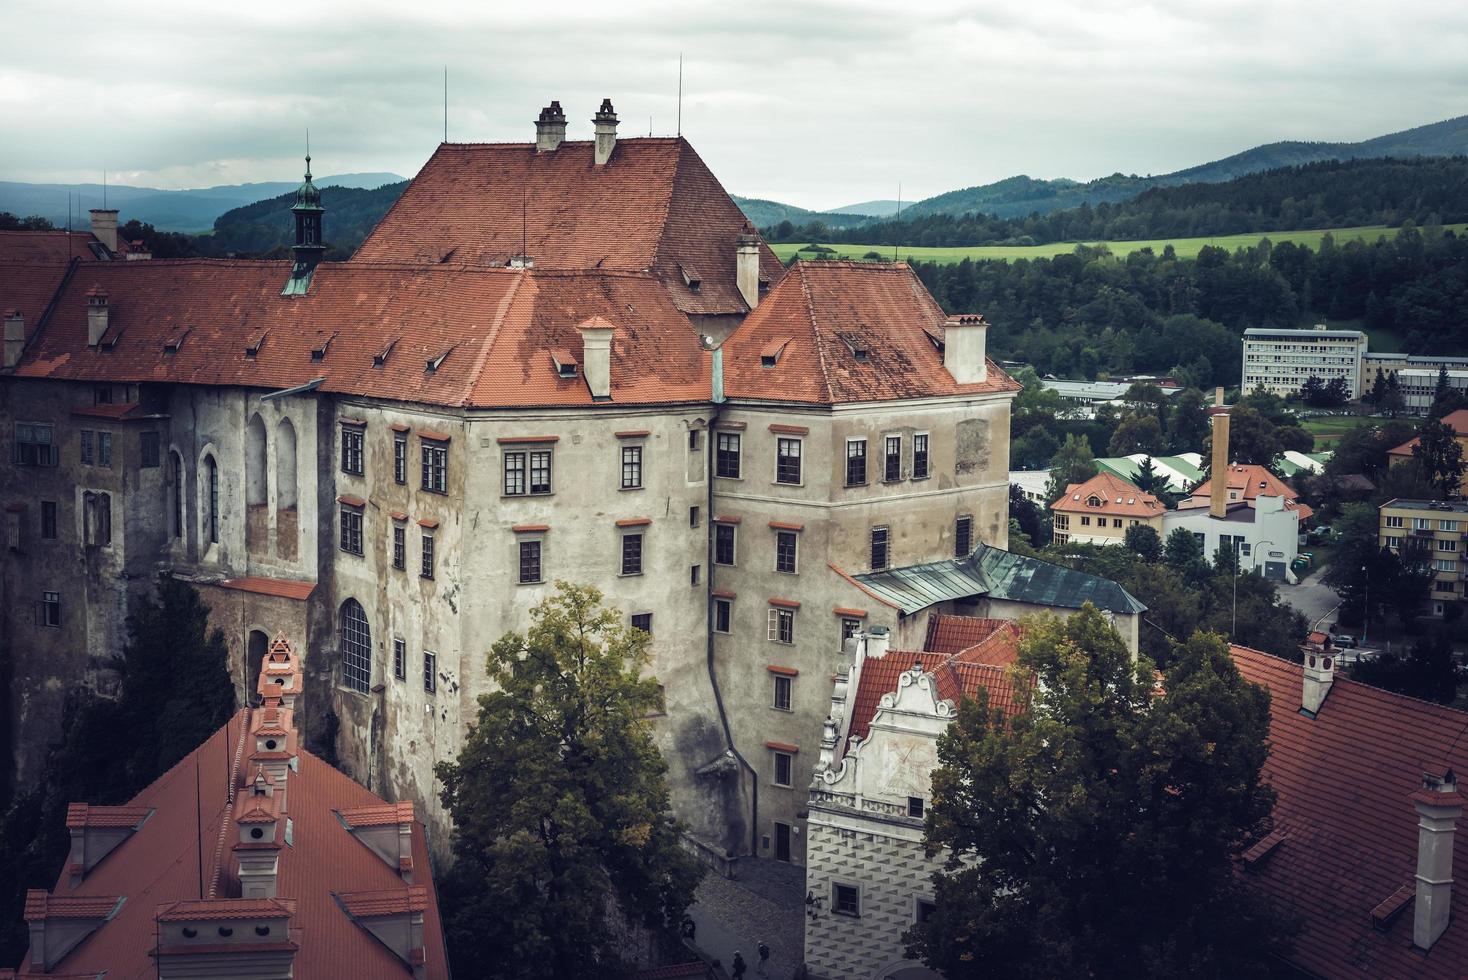 Zuid-Bohemen, Tsjechië 2018 - beroemd kasteel van Cesky Krumlov foto